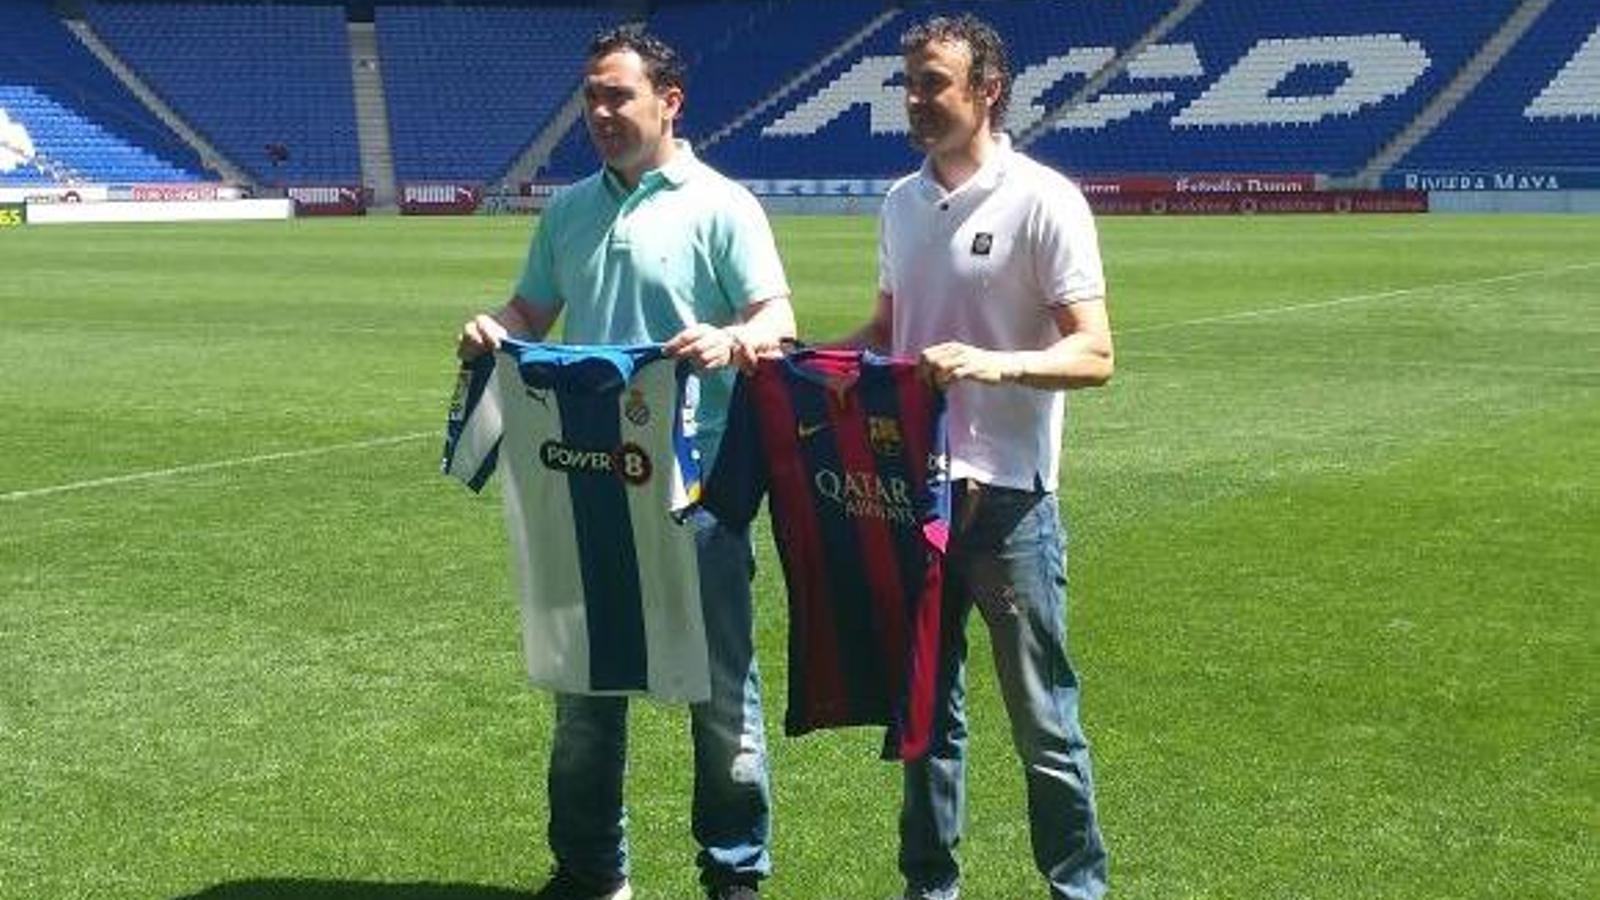 ¿Cuánto mide Sergio González Soriano? Sergio-Gonzalez-Enrique-FC-BARCELONA_1345075634_21908414_651x366